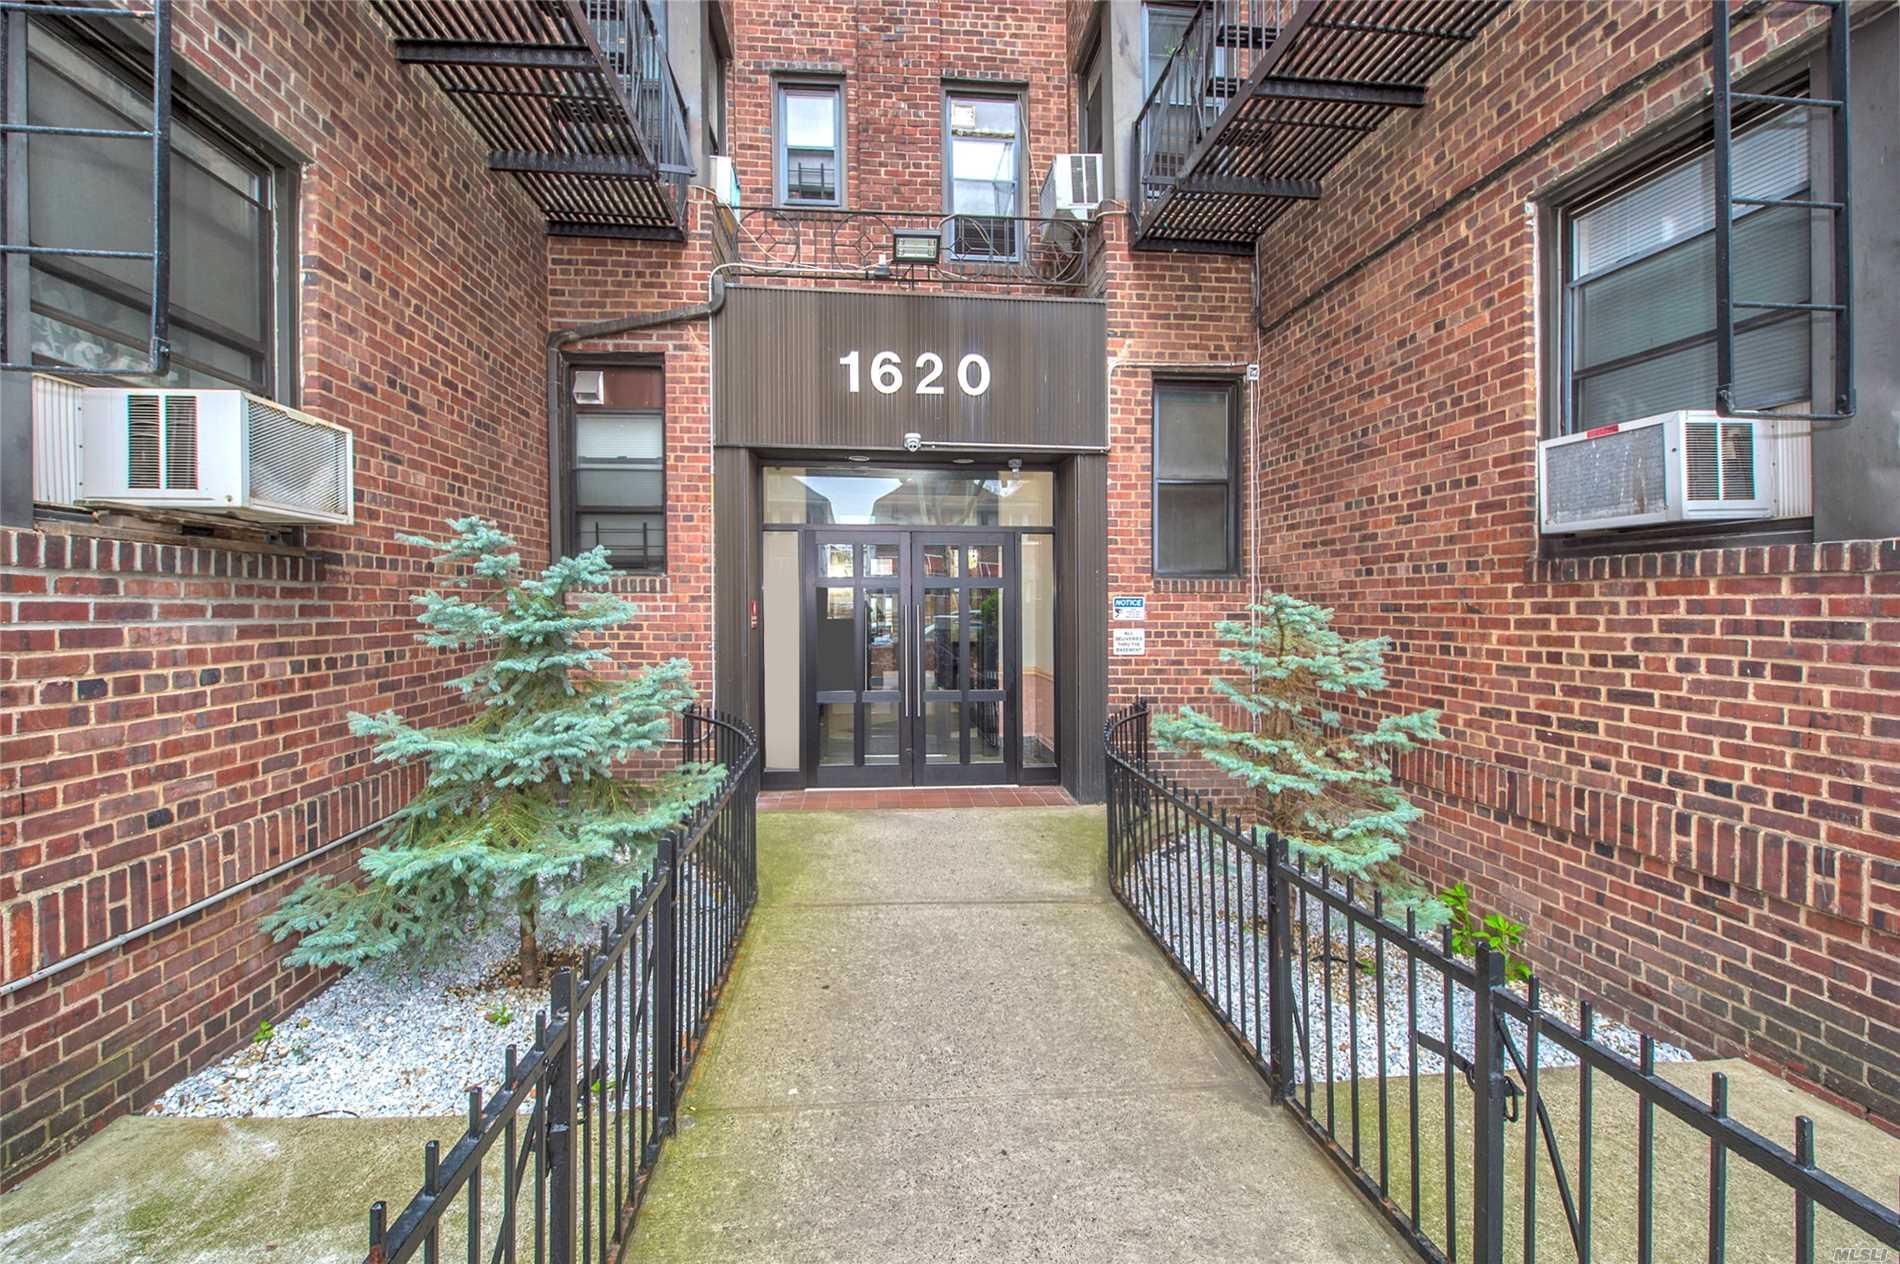 1620 E 2nd St Brooklyn, NY 11230